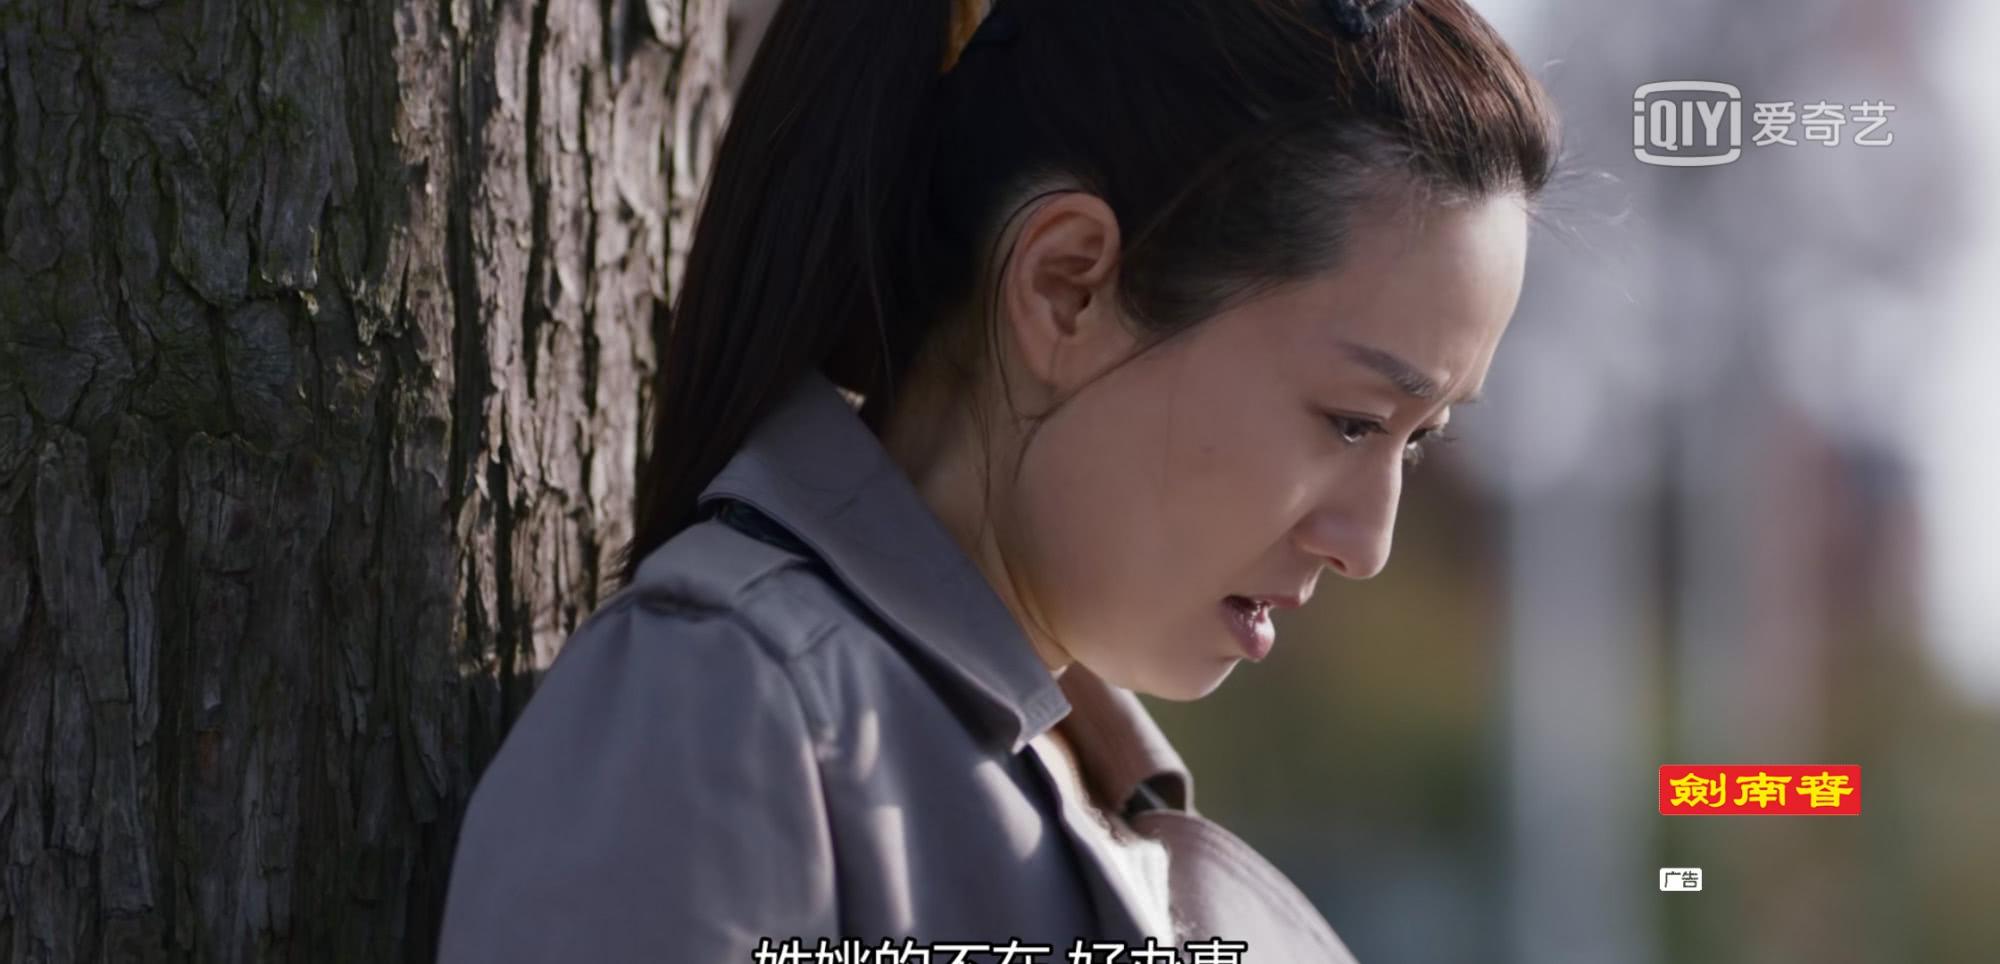 在远方:姚远爱路晓鸥那么深,为何能毫不犹豫娶了刘爱莲